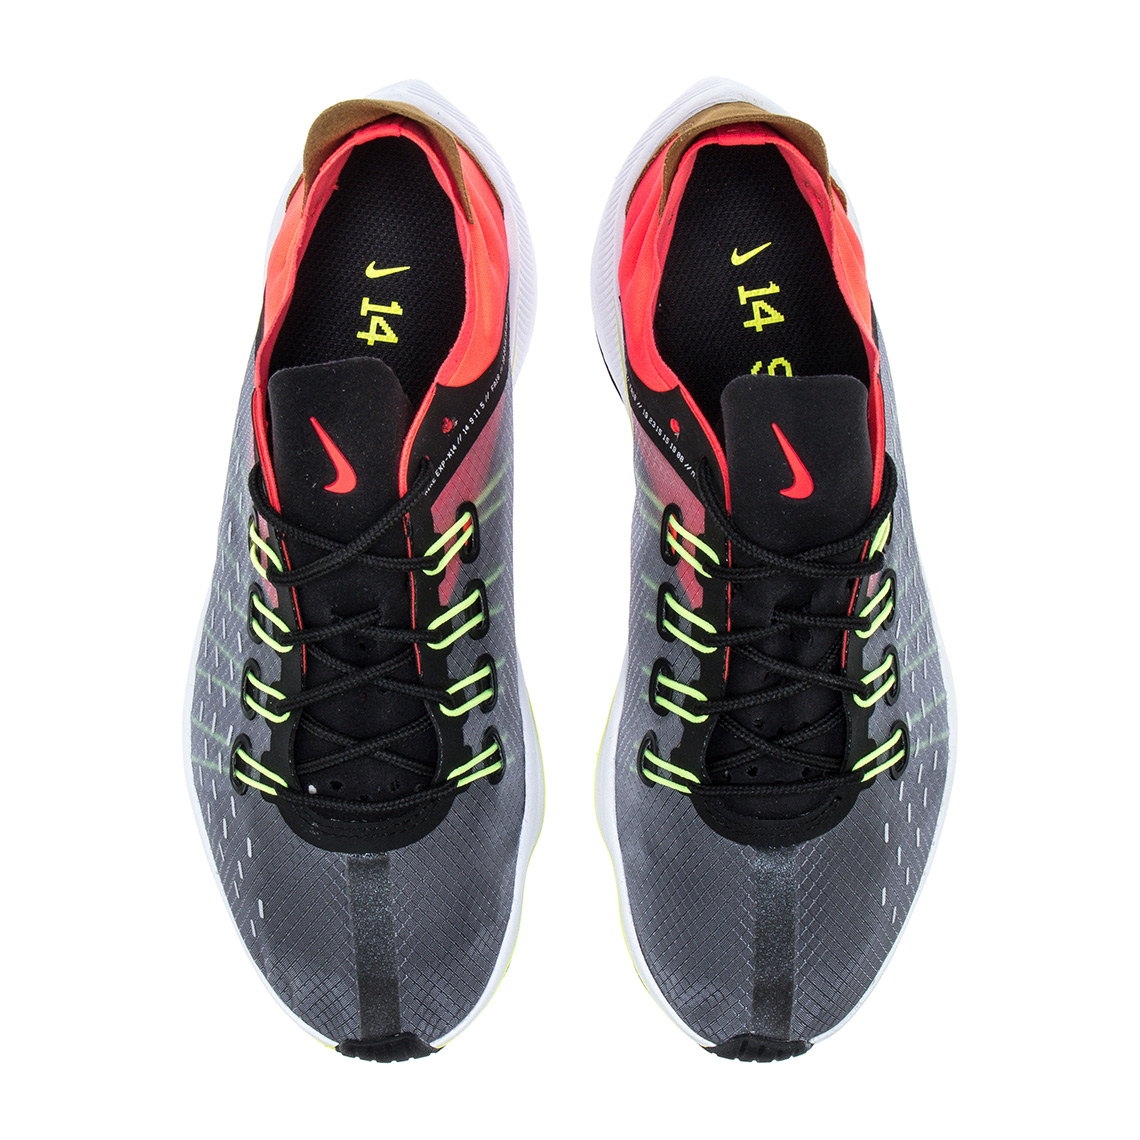 92c73df0dc931 Nike EXP-X14 AO3170-002 + AO1554-001